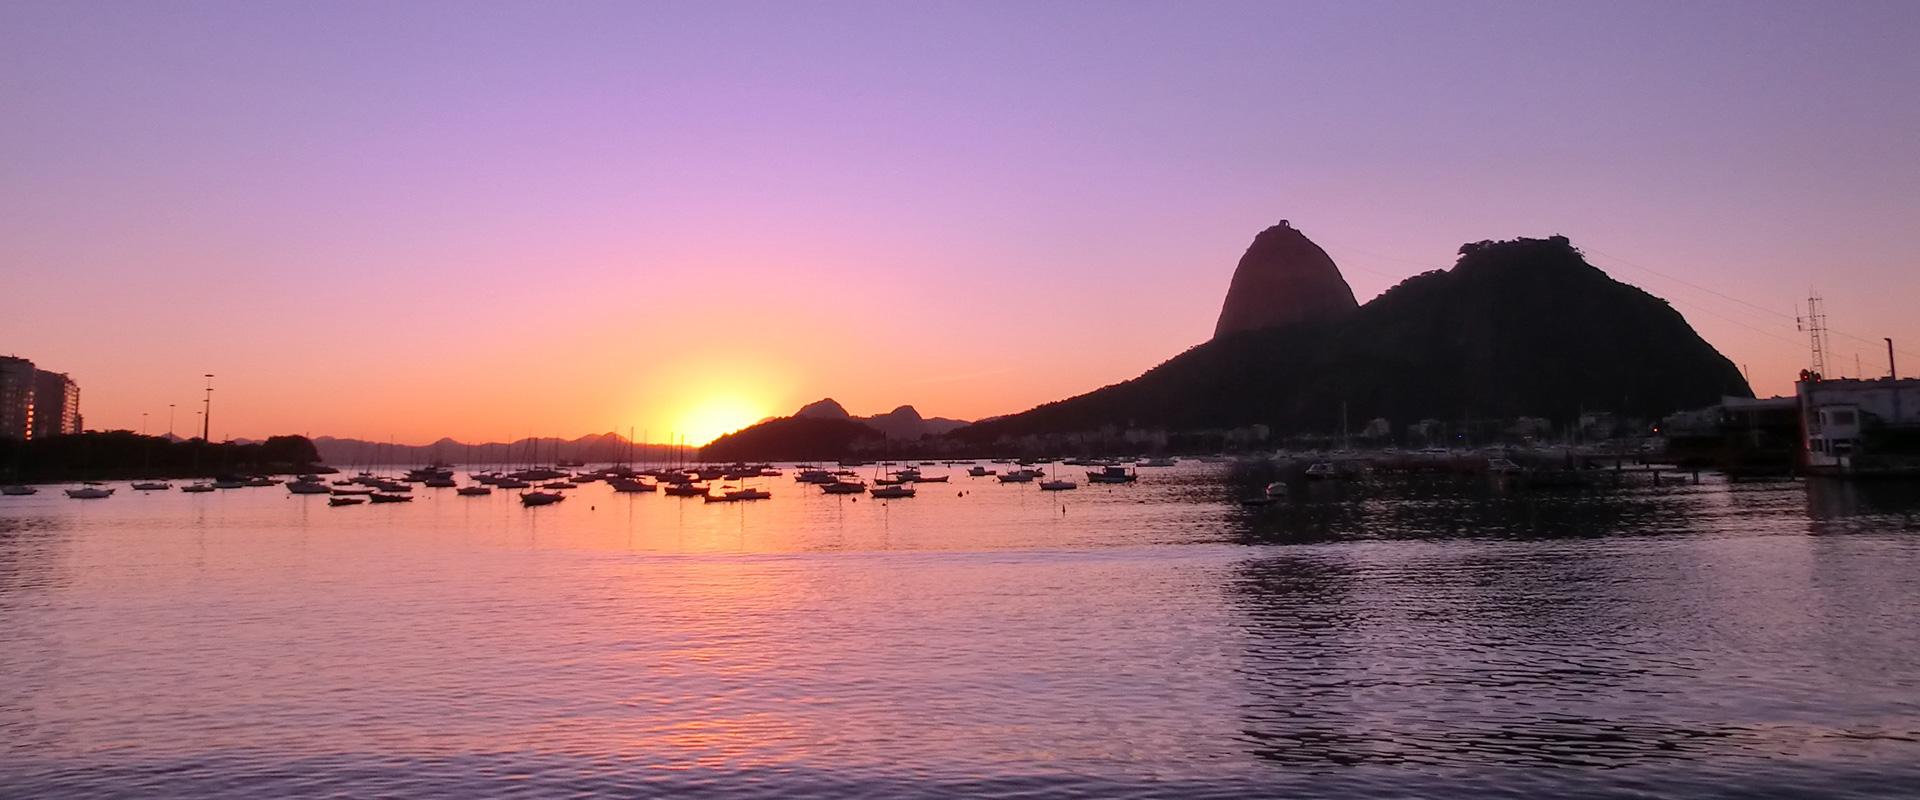 Sunset at Pão de Açúcar. Explore Rio de Janeiro.